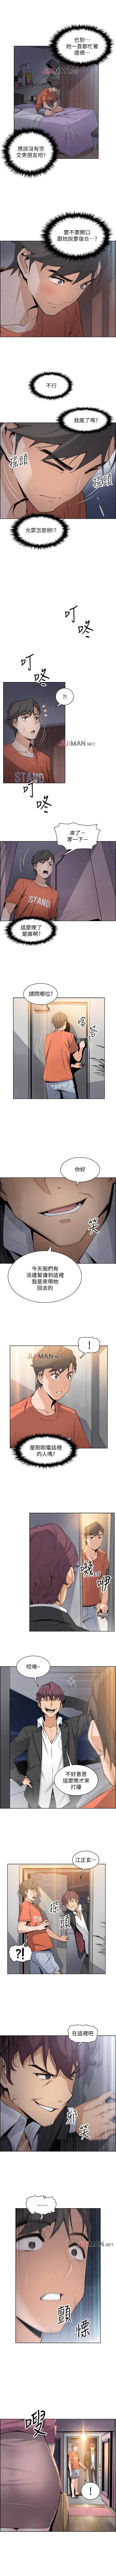 【周四连载】前女友变女佣(作者:PAPER&頸枕) 第1~33话 95